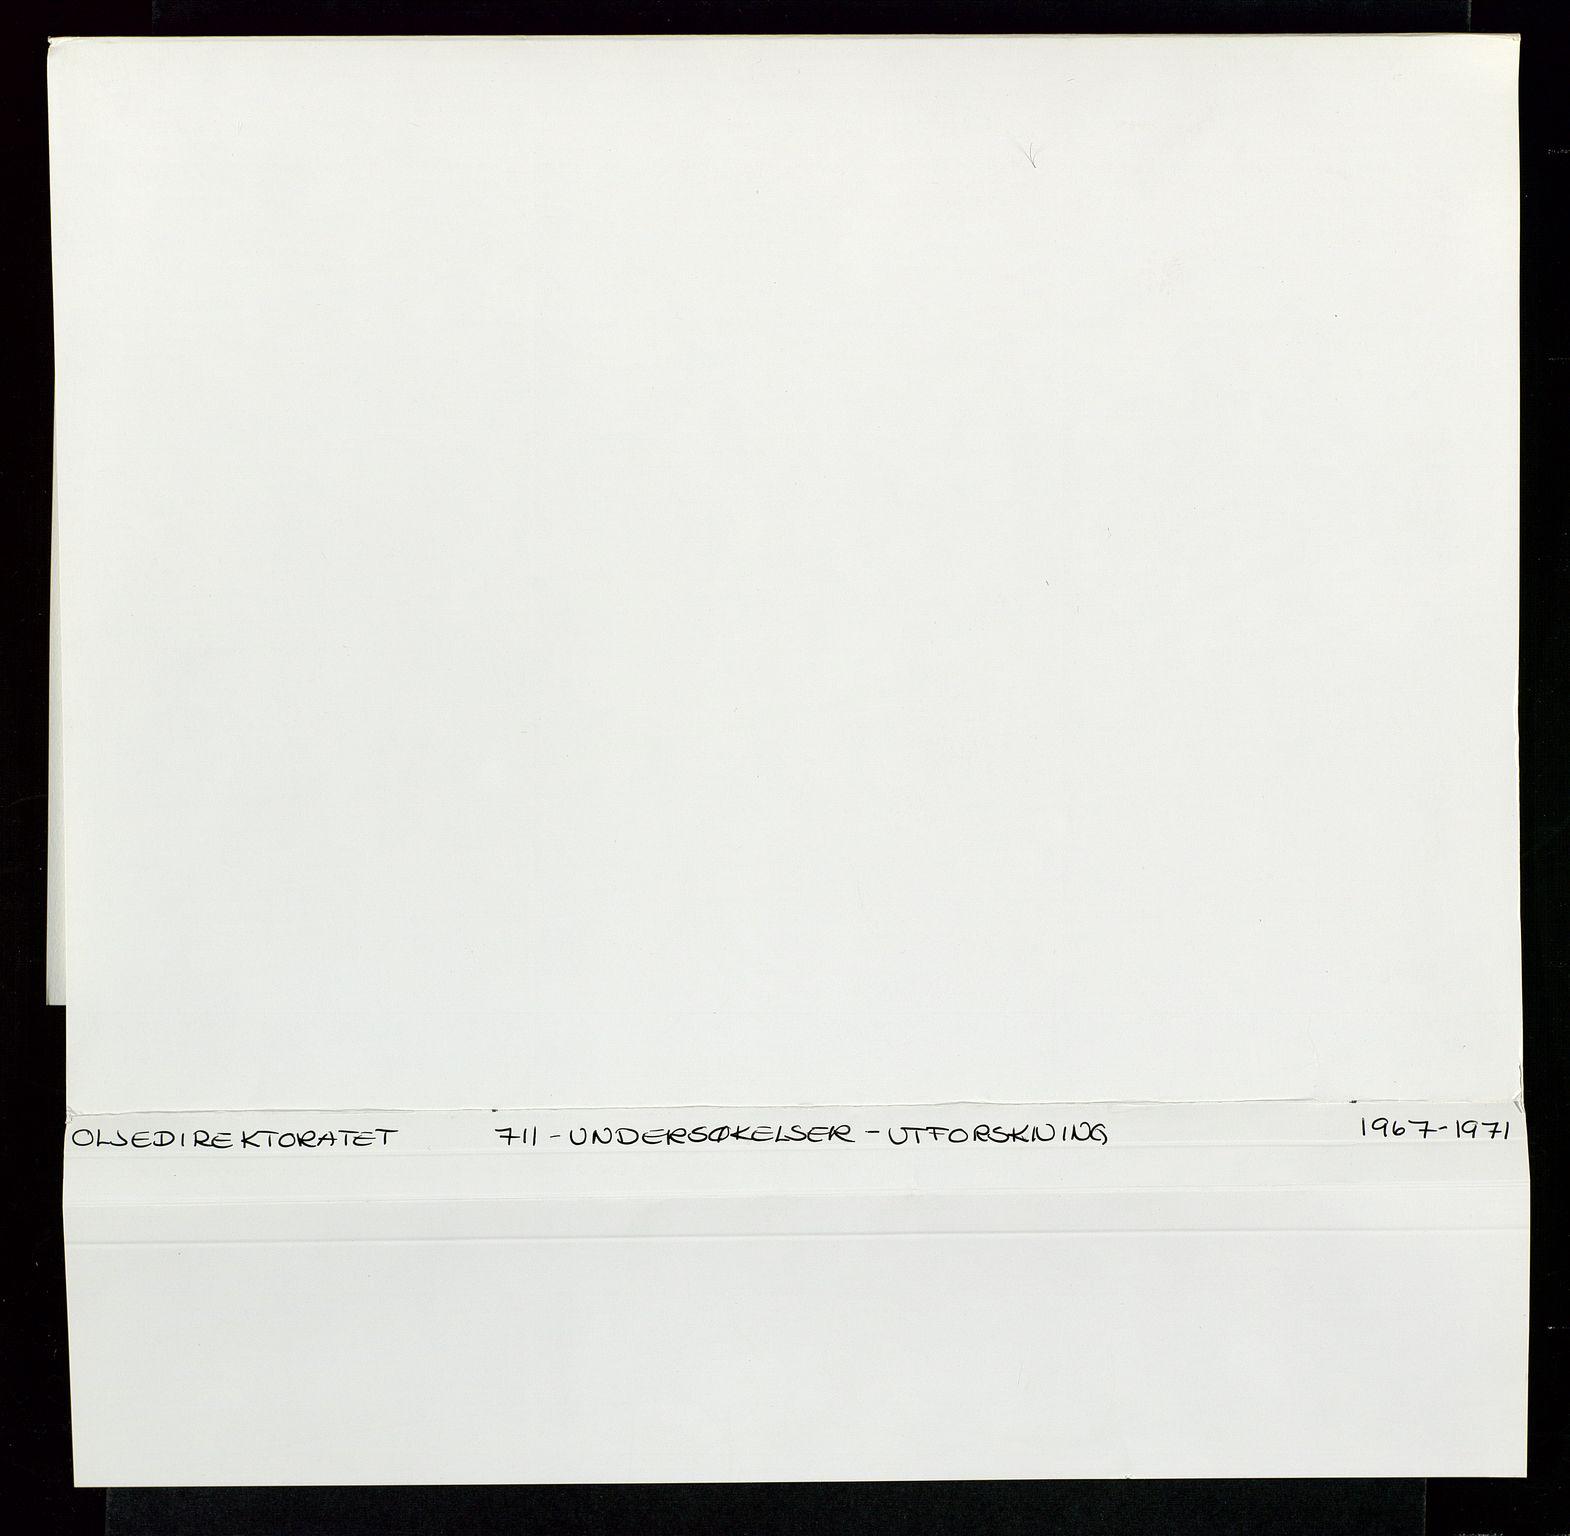 SAST, Industridepartementet, Oljekontoret, Da/L0003: Arkivnøkkel 711 Undersøkelser og utforskning, 1963-1971, s. 467